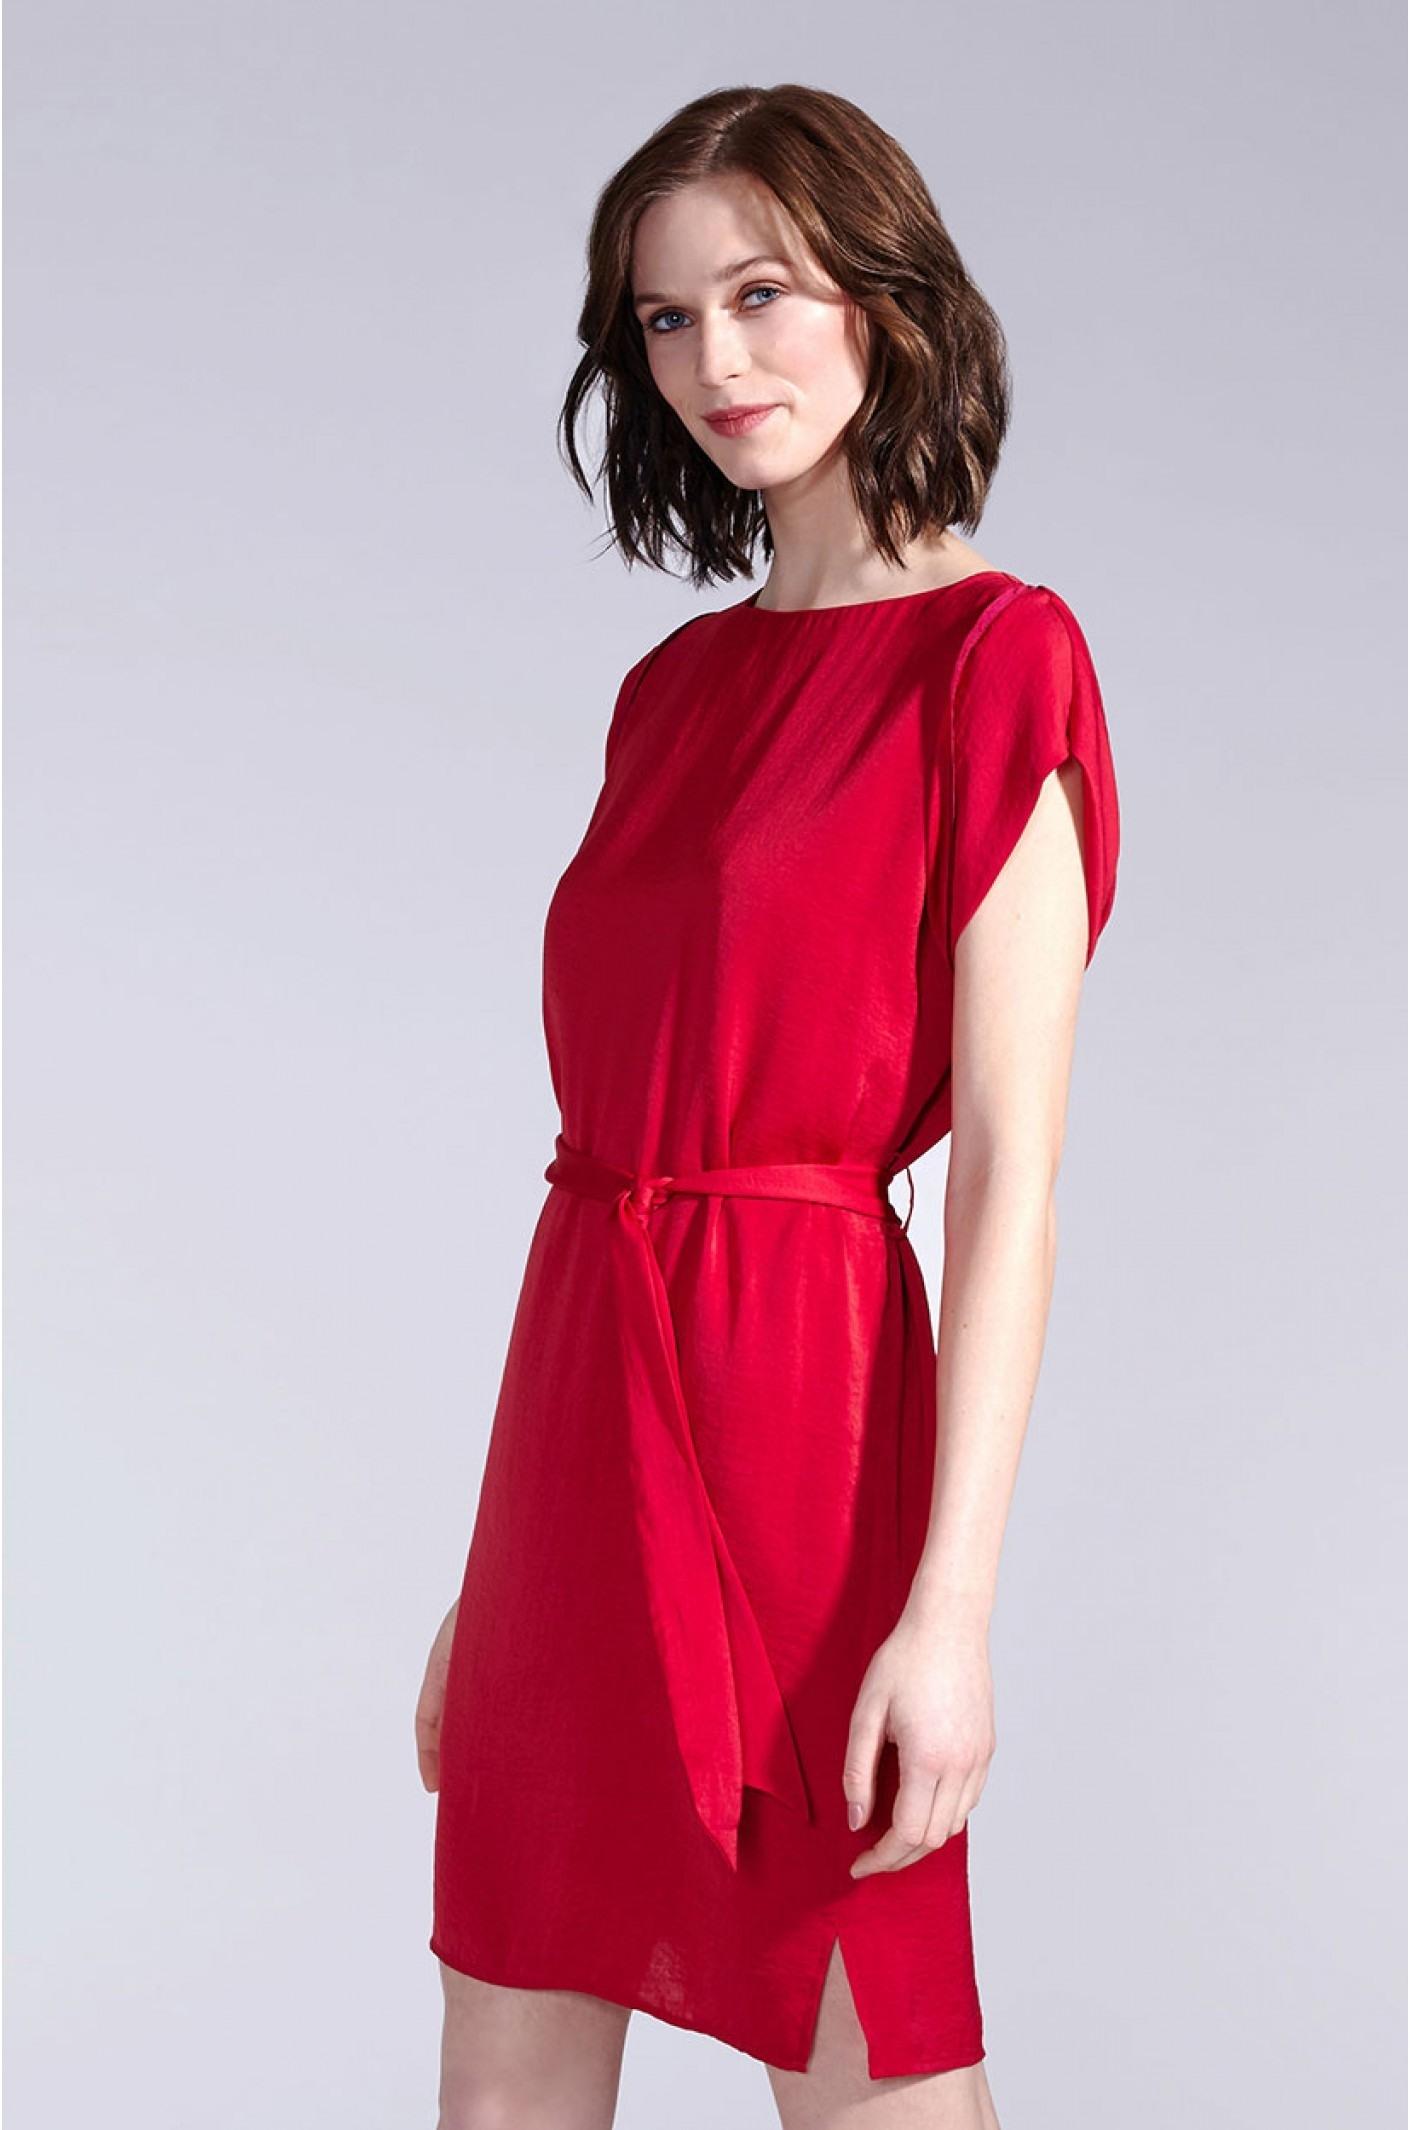 20 Top Kleid Mit Ärmeln BoutiqueDesigner Genial Kleid Mit Ärmeln für 2019